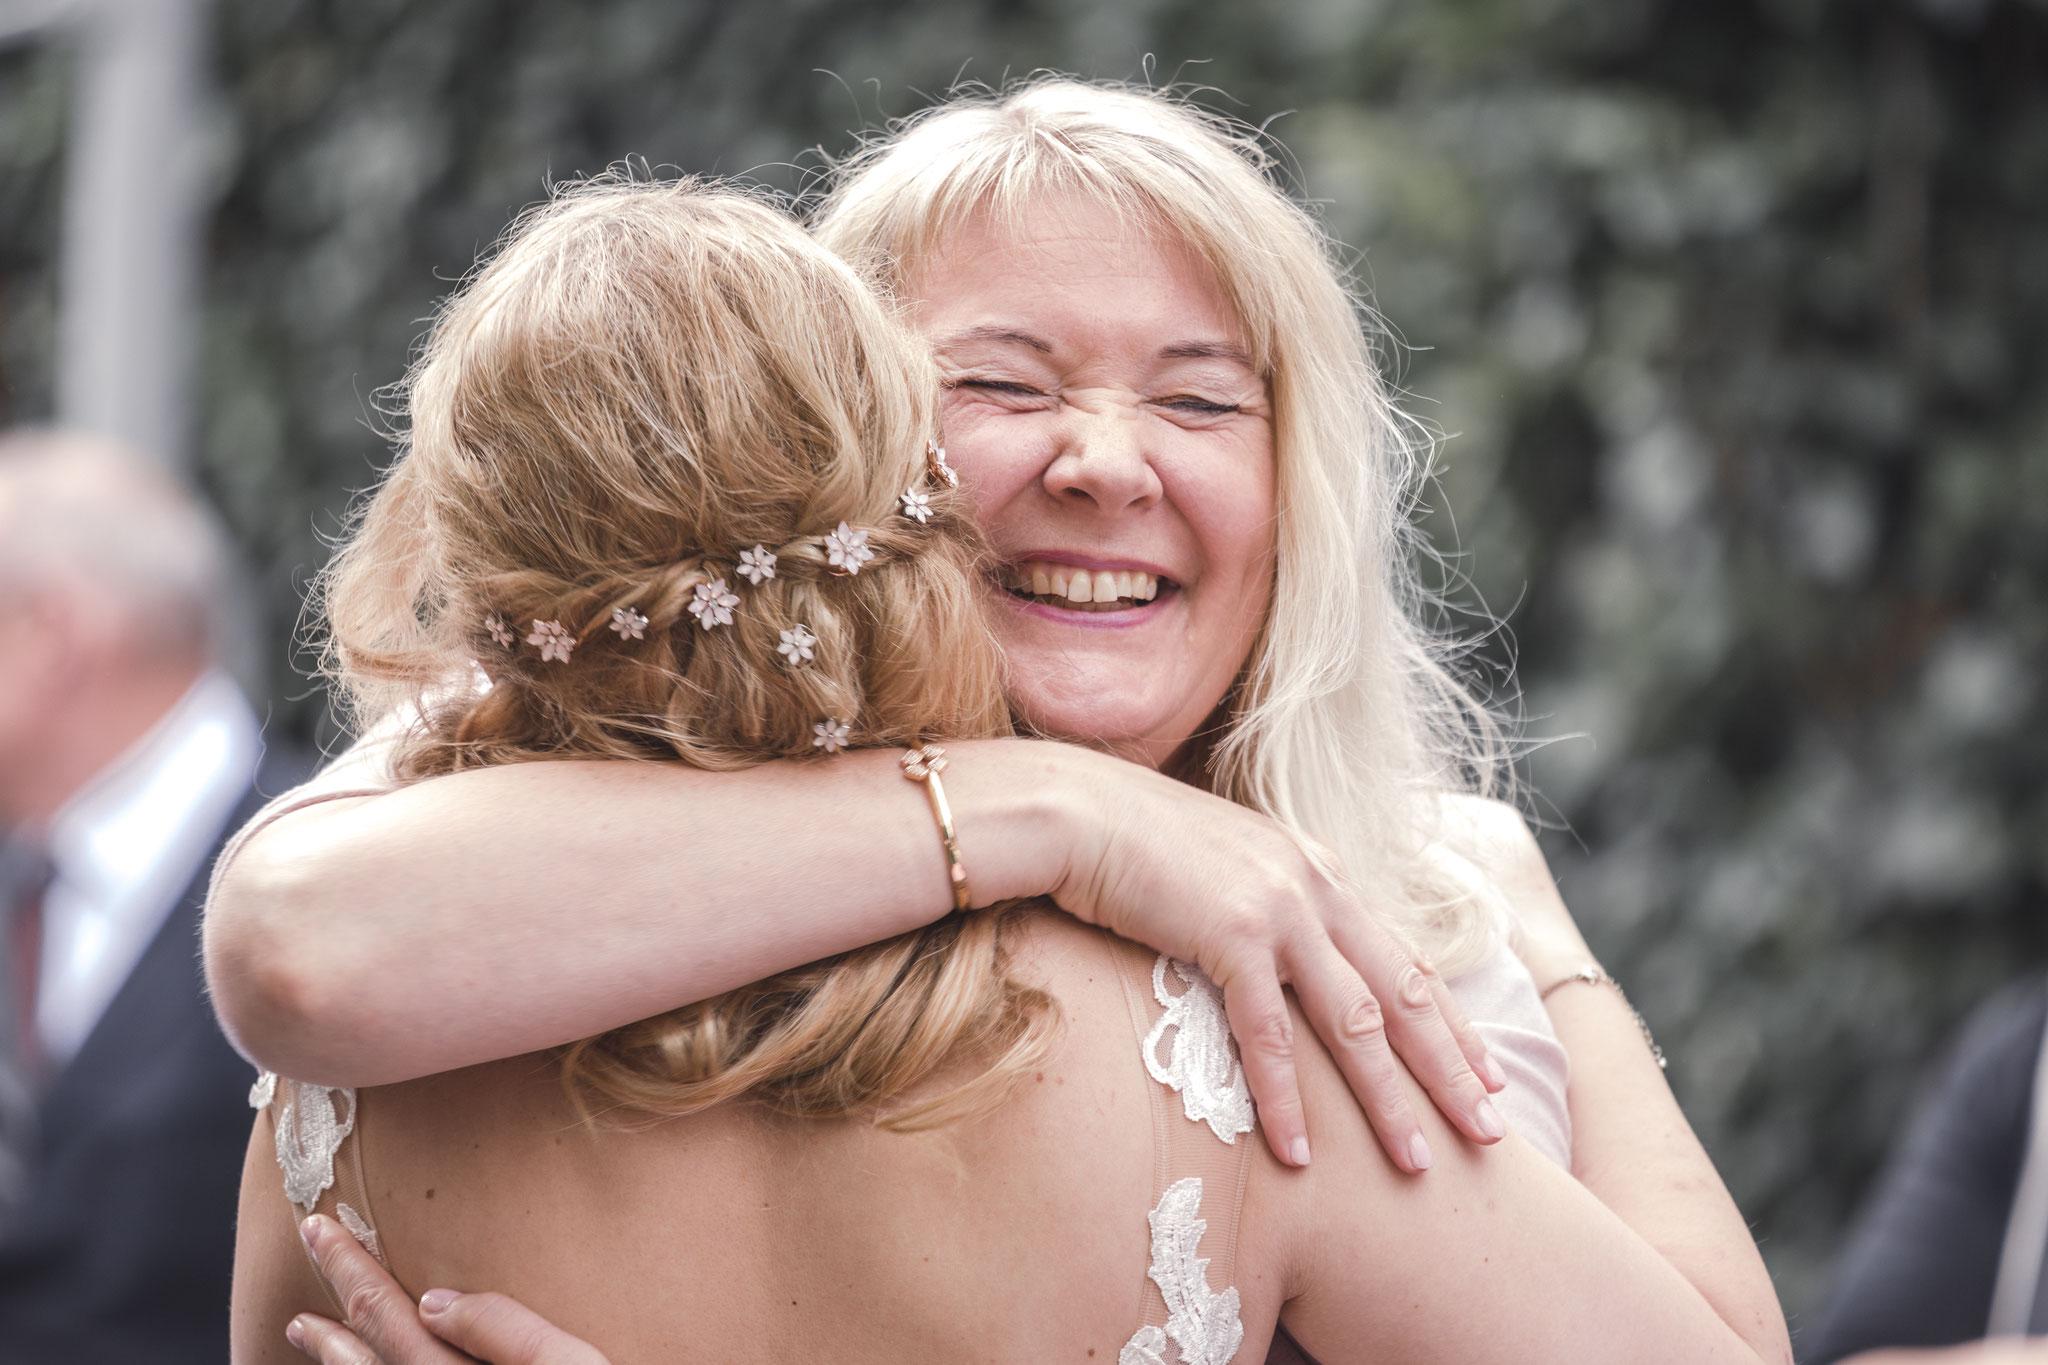 Freude pur, nicht nur bei der Braut